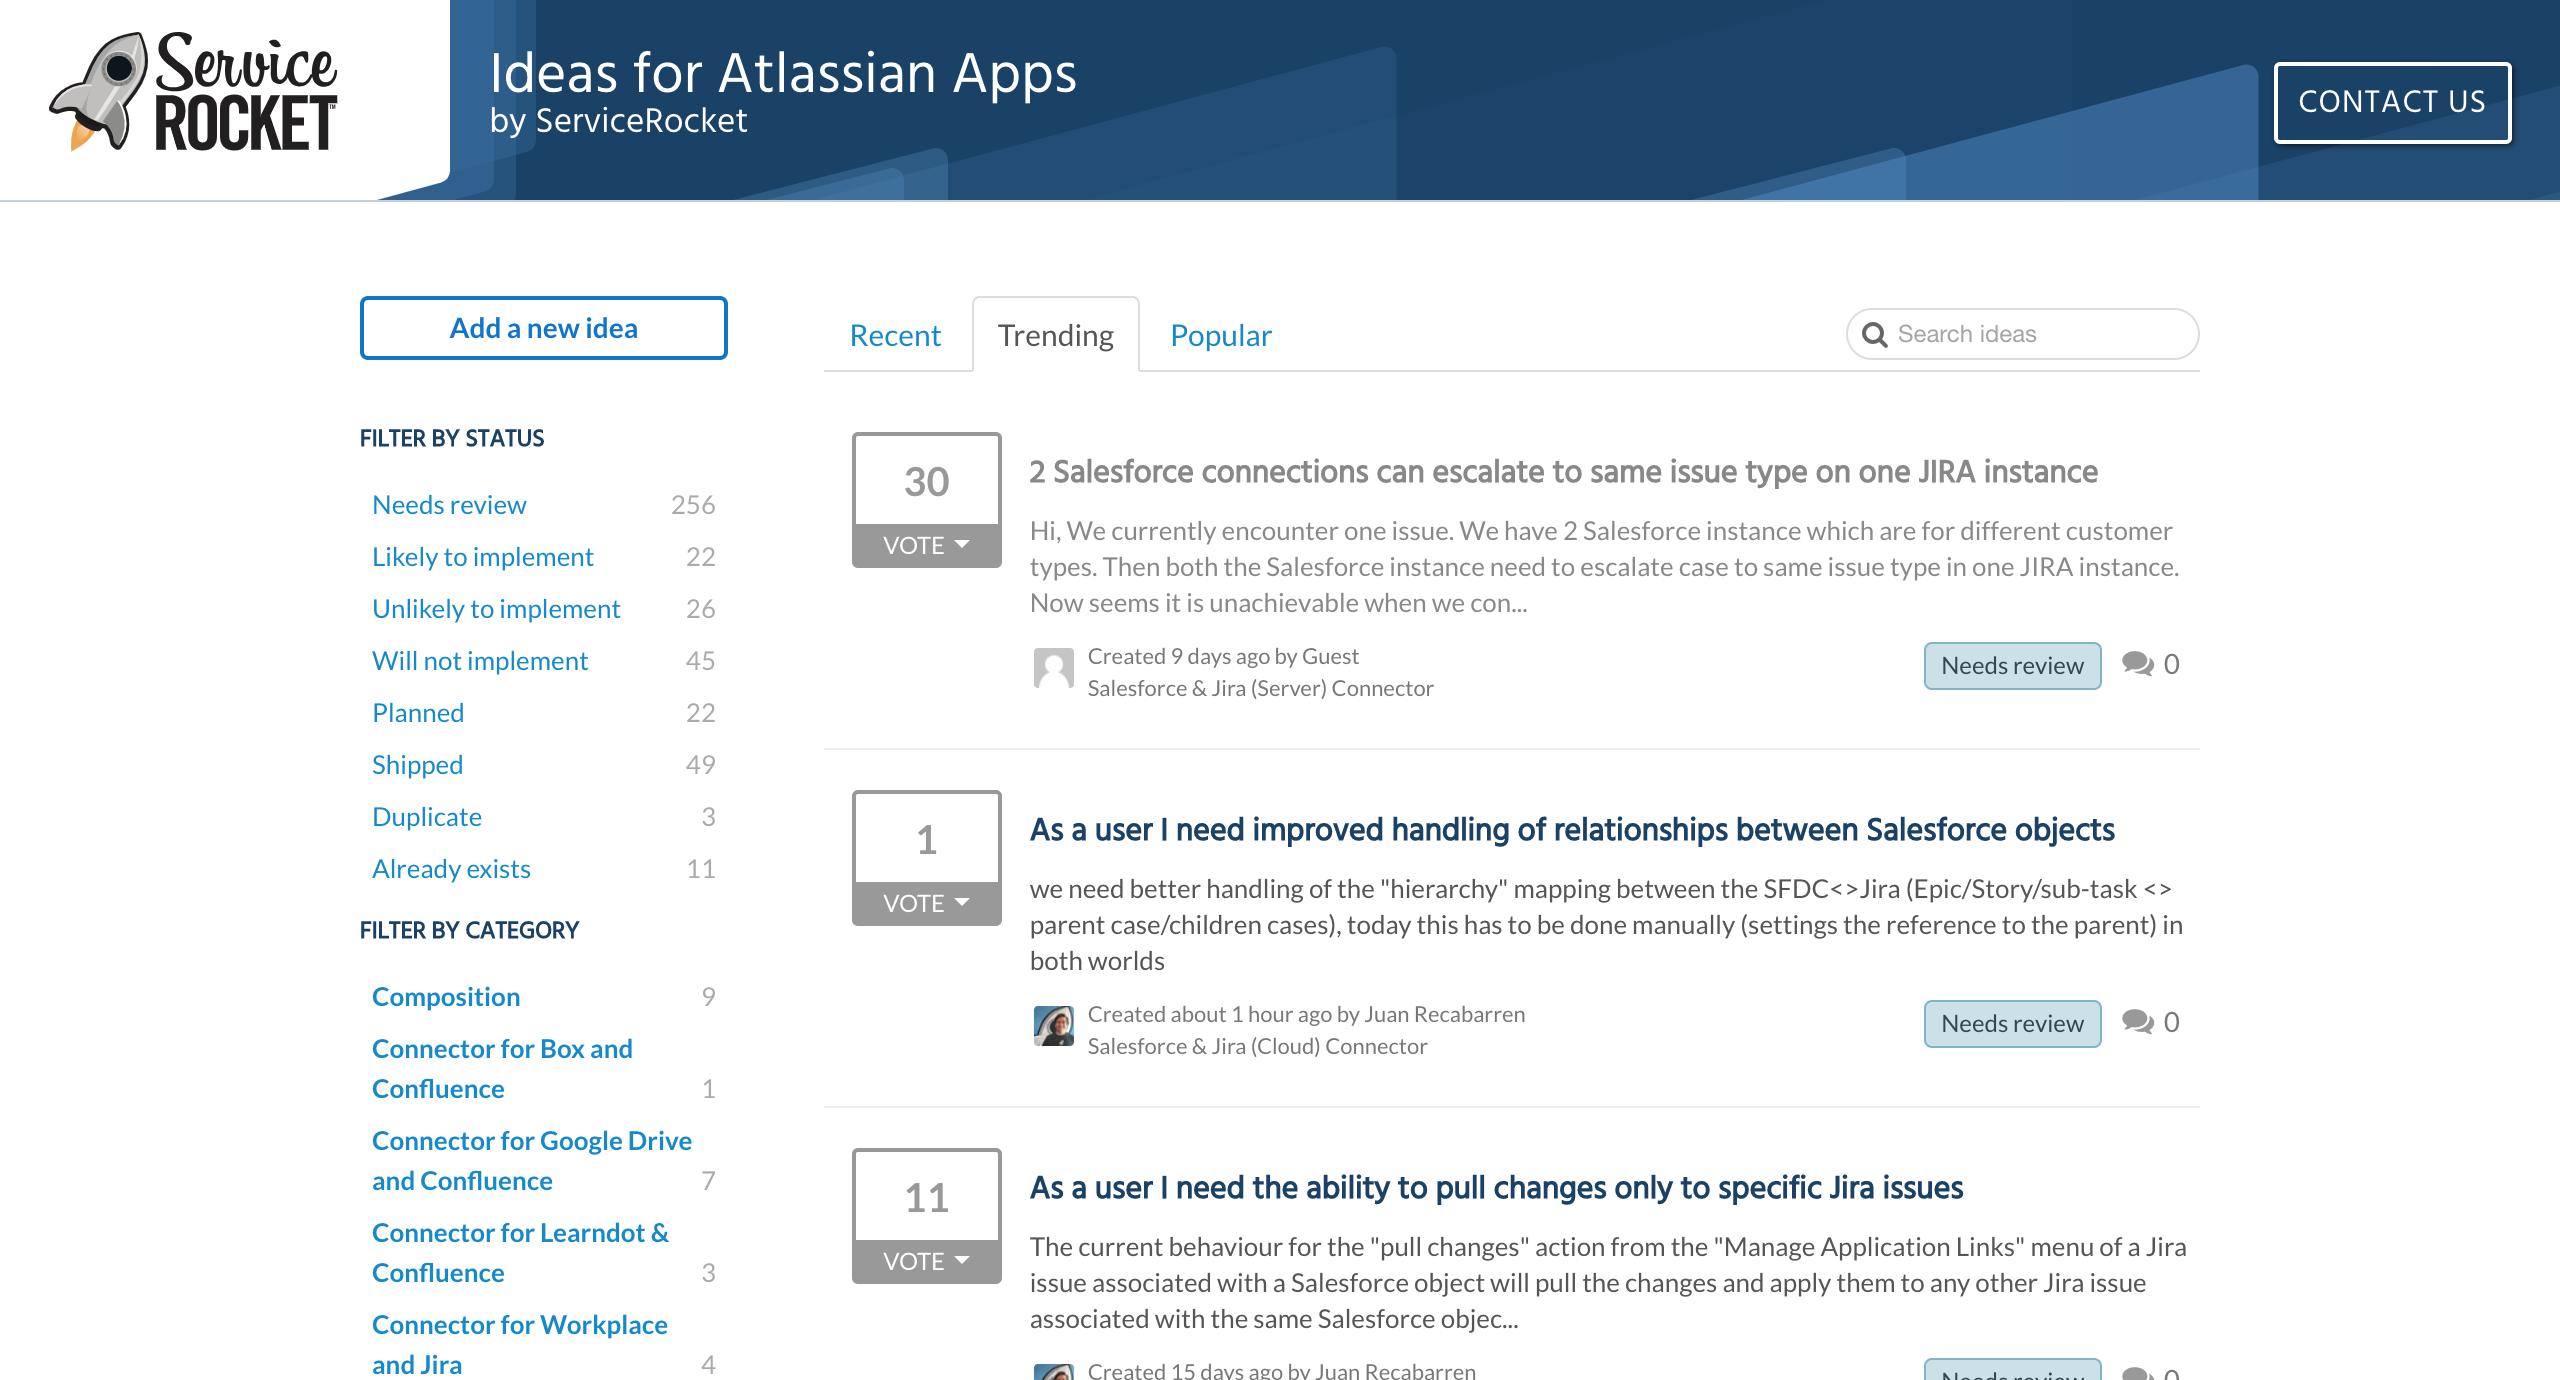 Visit: https://ideas.atlassian.servicerocket.com/ideas